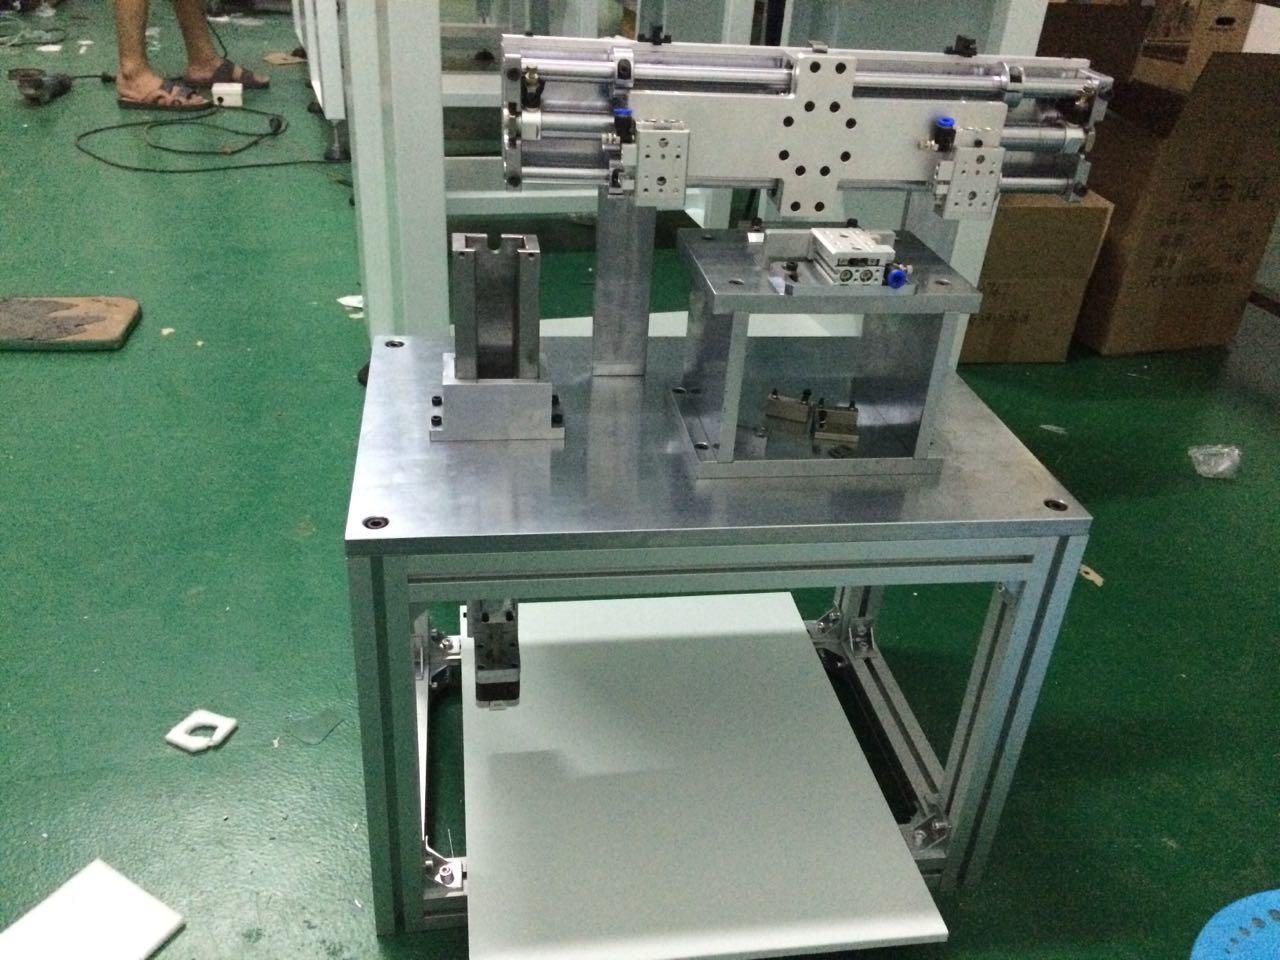 来自张波发布的供应信息:非标自动化、生产线、螺丝机、点胶机、SM... - 东莞市力彩丹模具机械有限公司